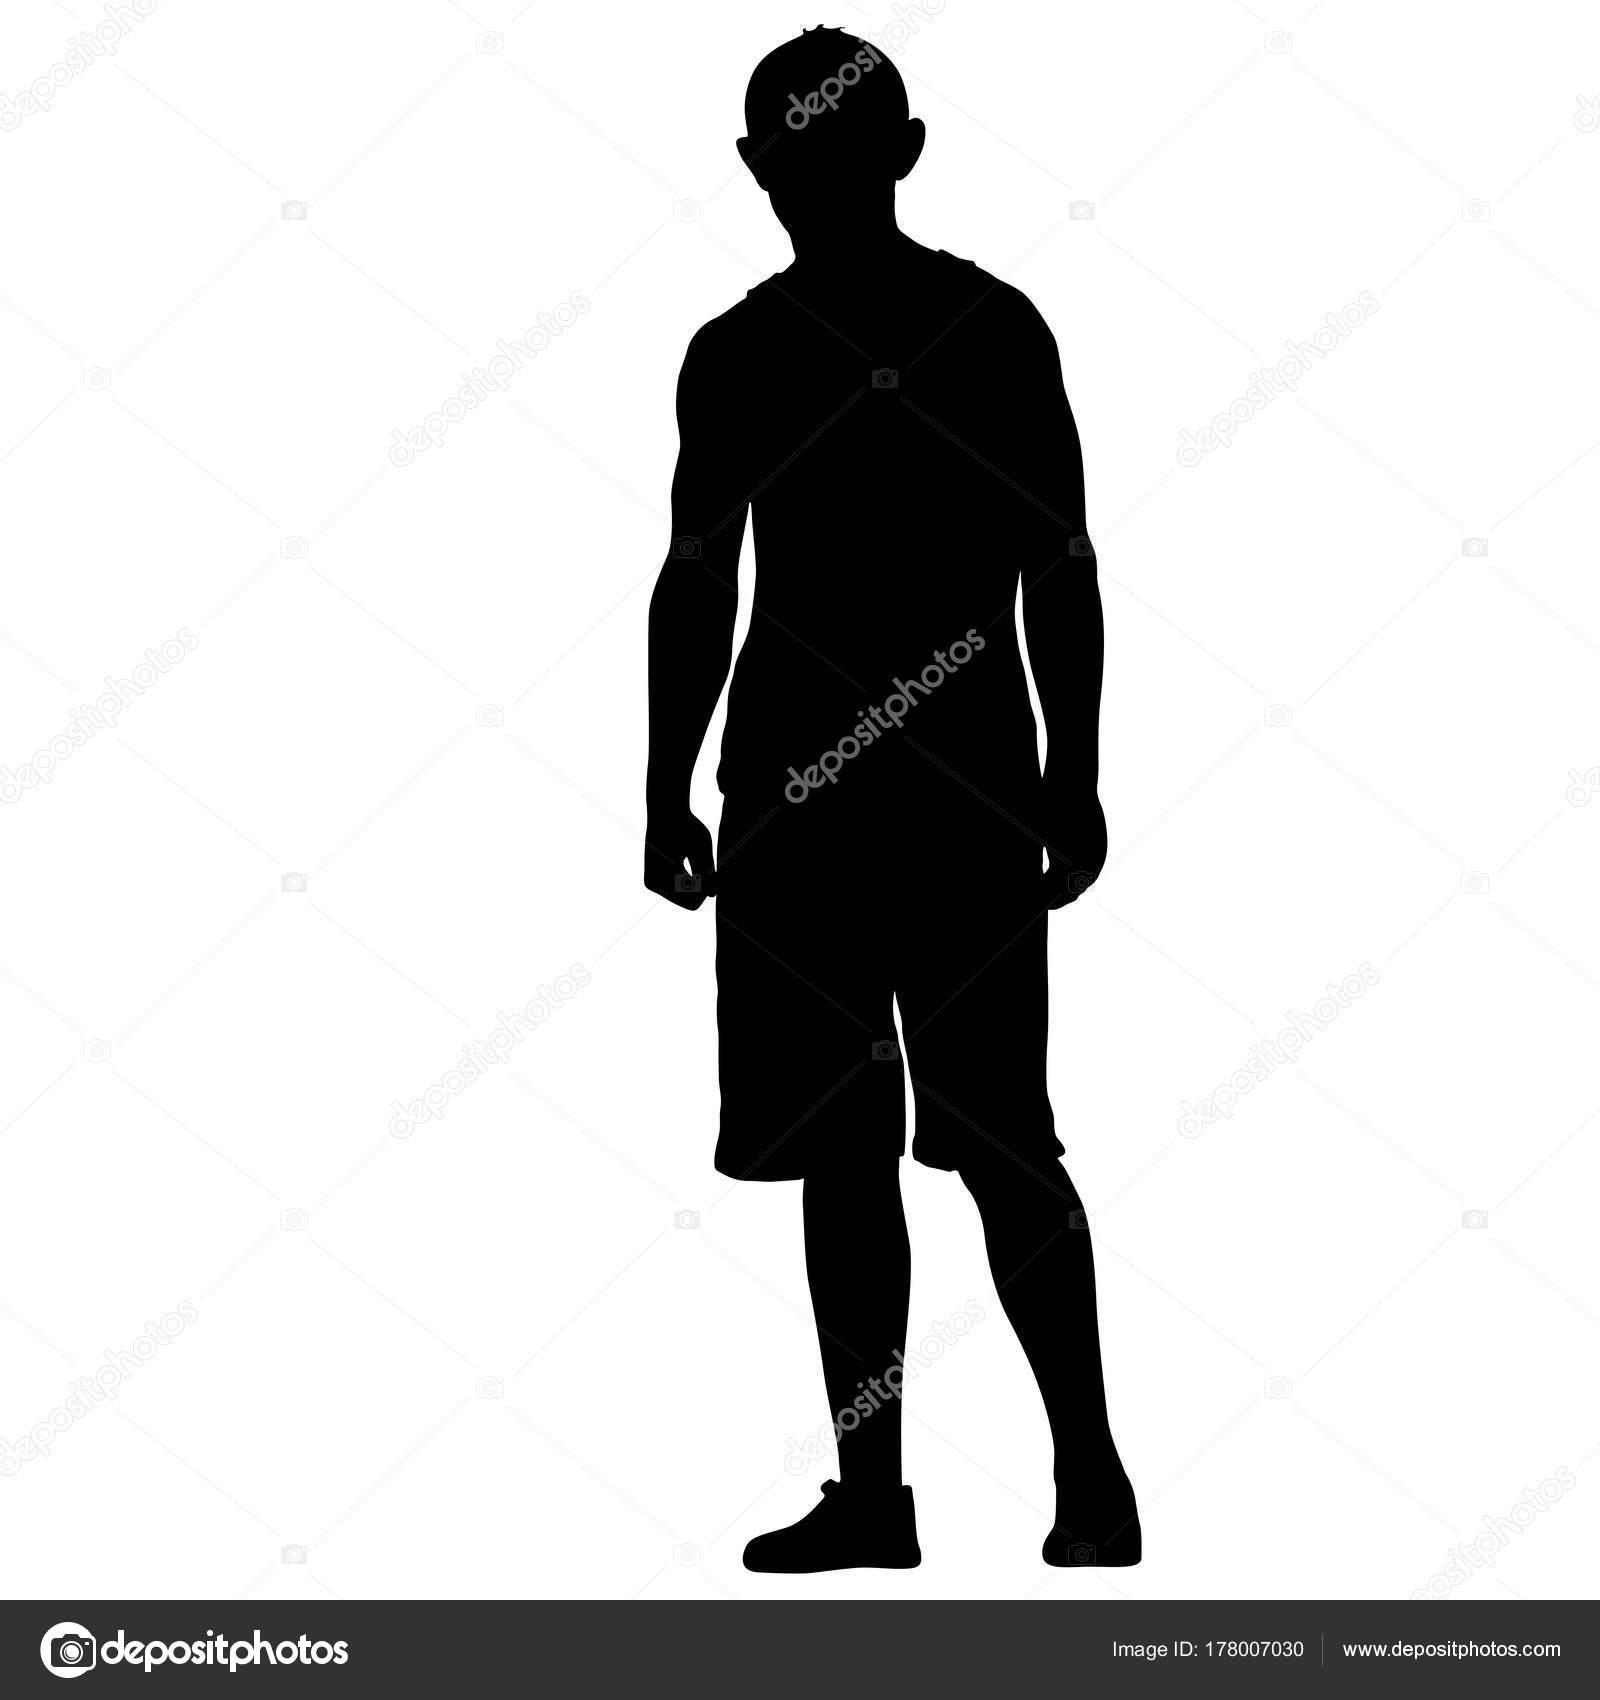 Schwarze Silhouette Mann stehend, Menschen auf weißem ...